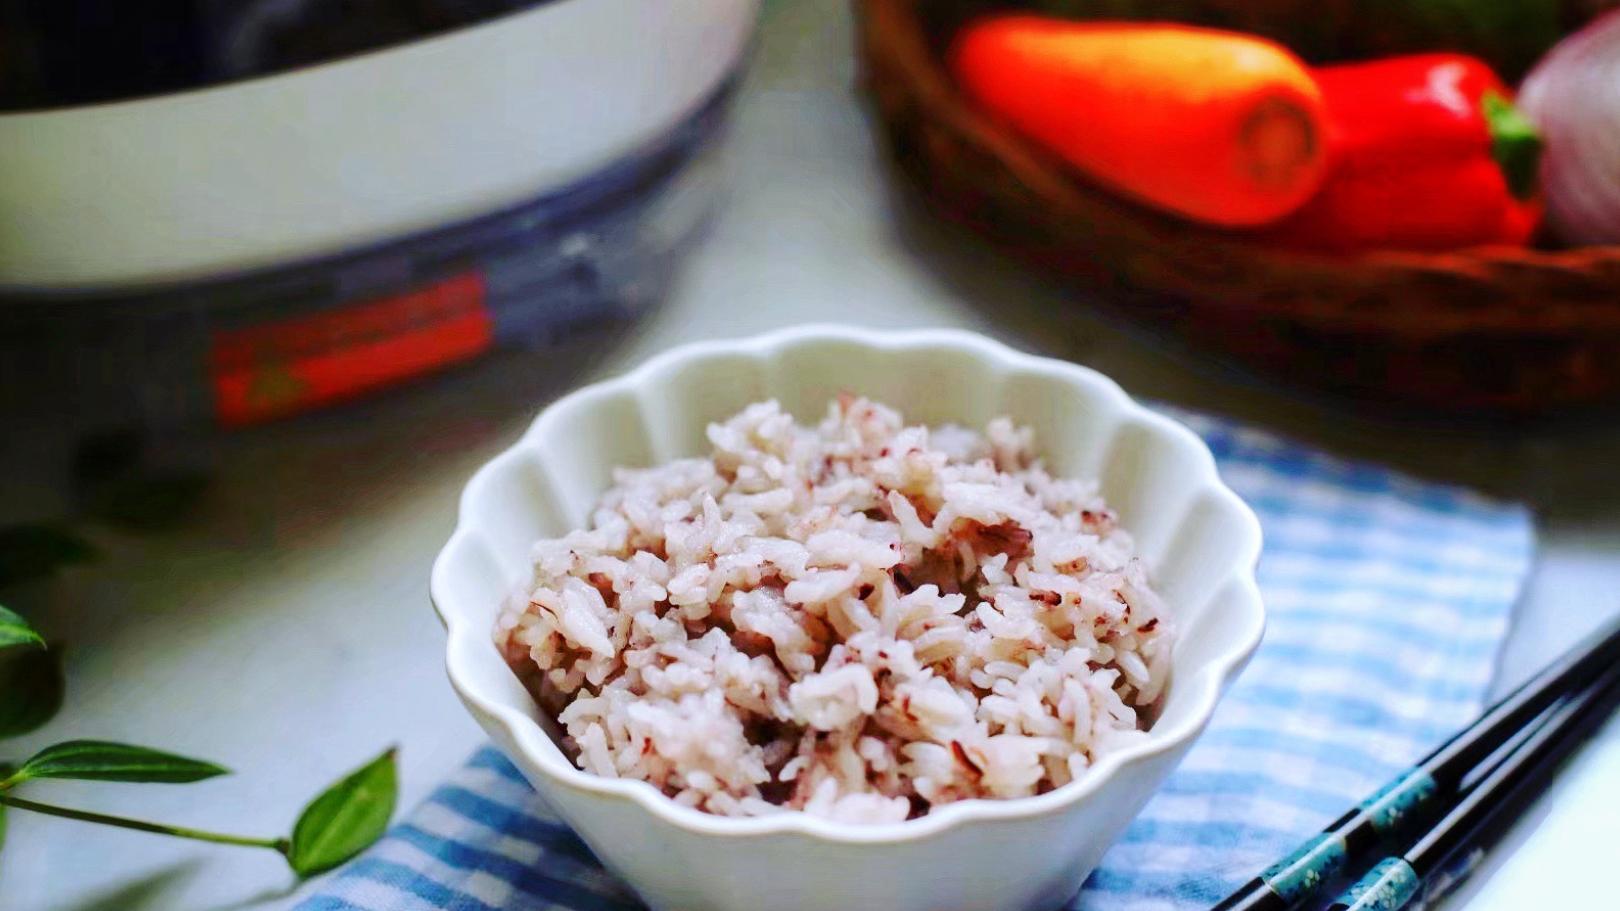 减肥吃这个米饭正好,口感香,清爽好消化